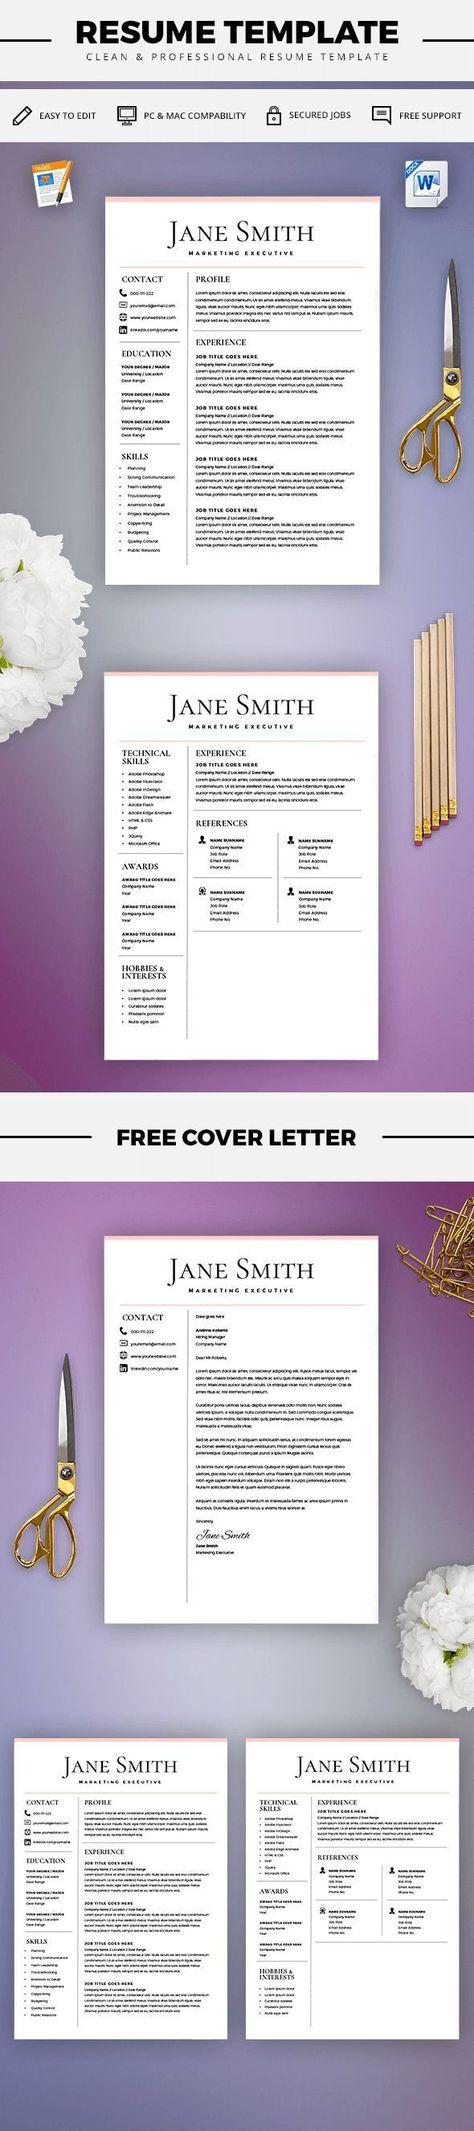 receptionist resume sample%0A Image result for resume design ideas   Resume  u     Design Inspiration    Pinterest   Sample resume  Resume styles and Cv format